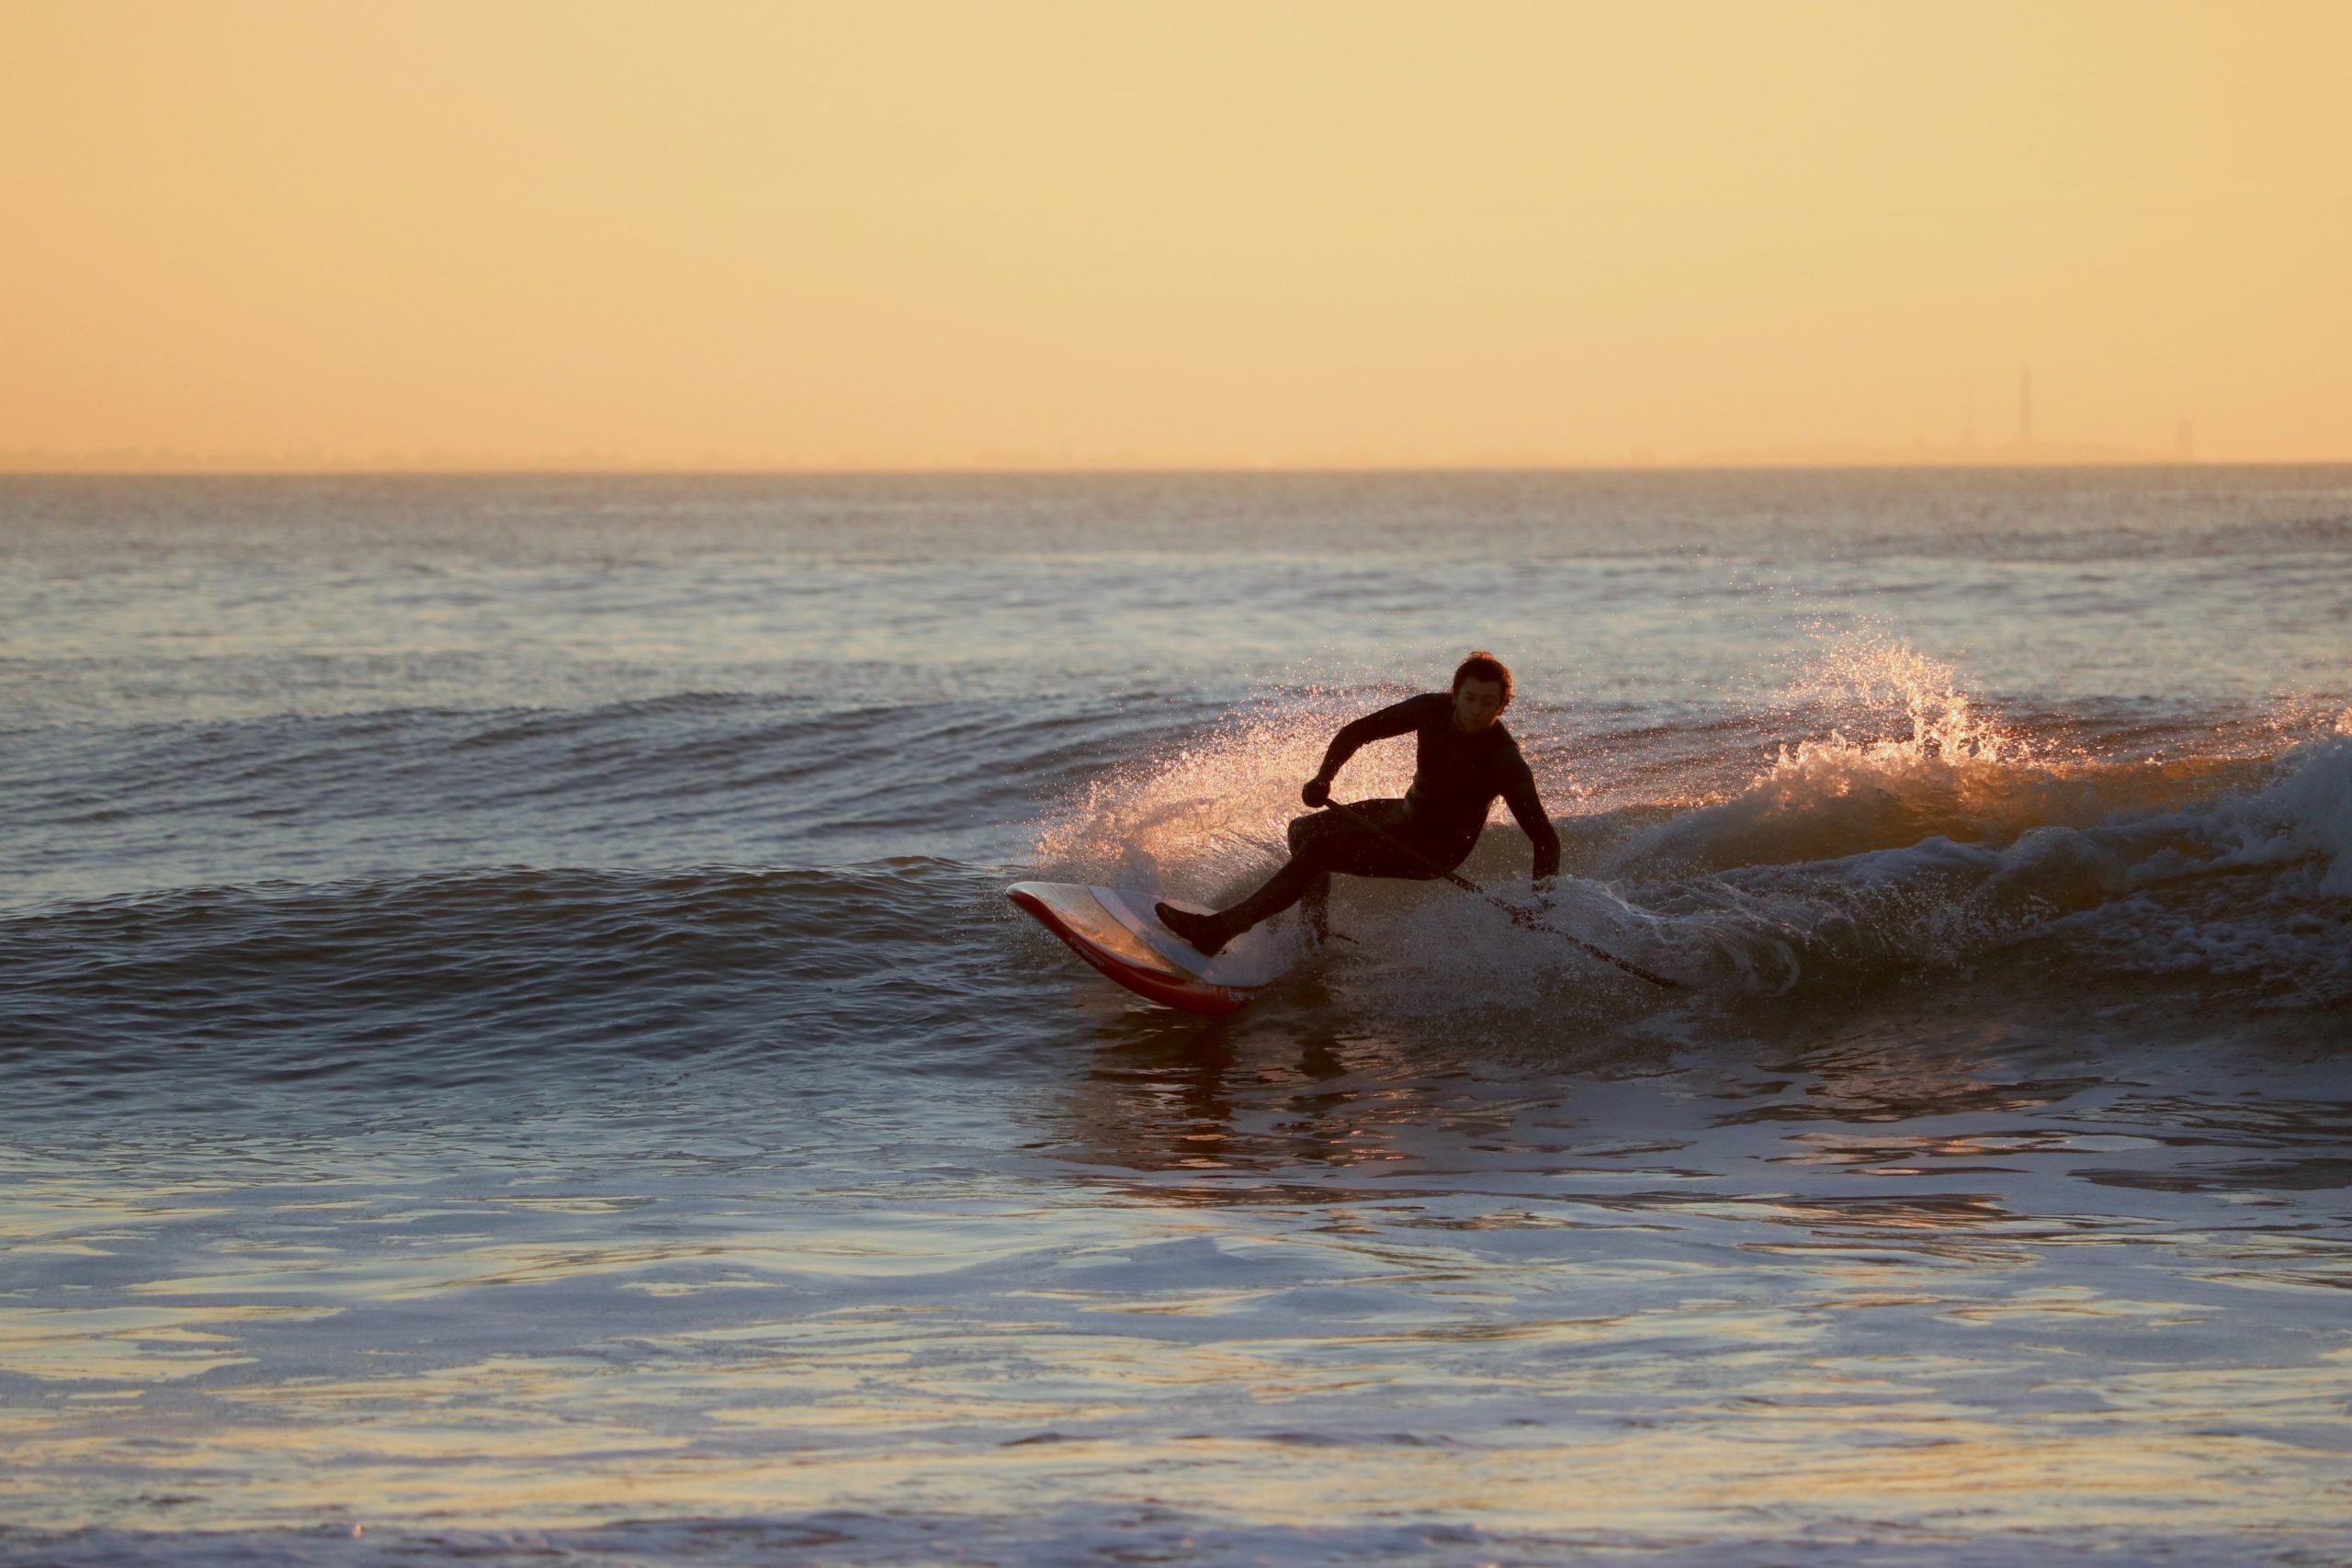 SUP-Waveboarder auf Welle mit SUP-Paddel